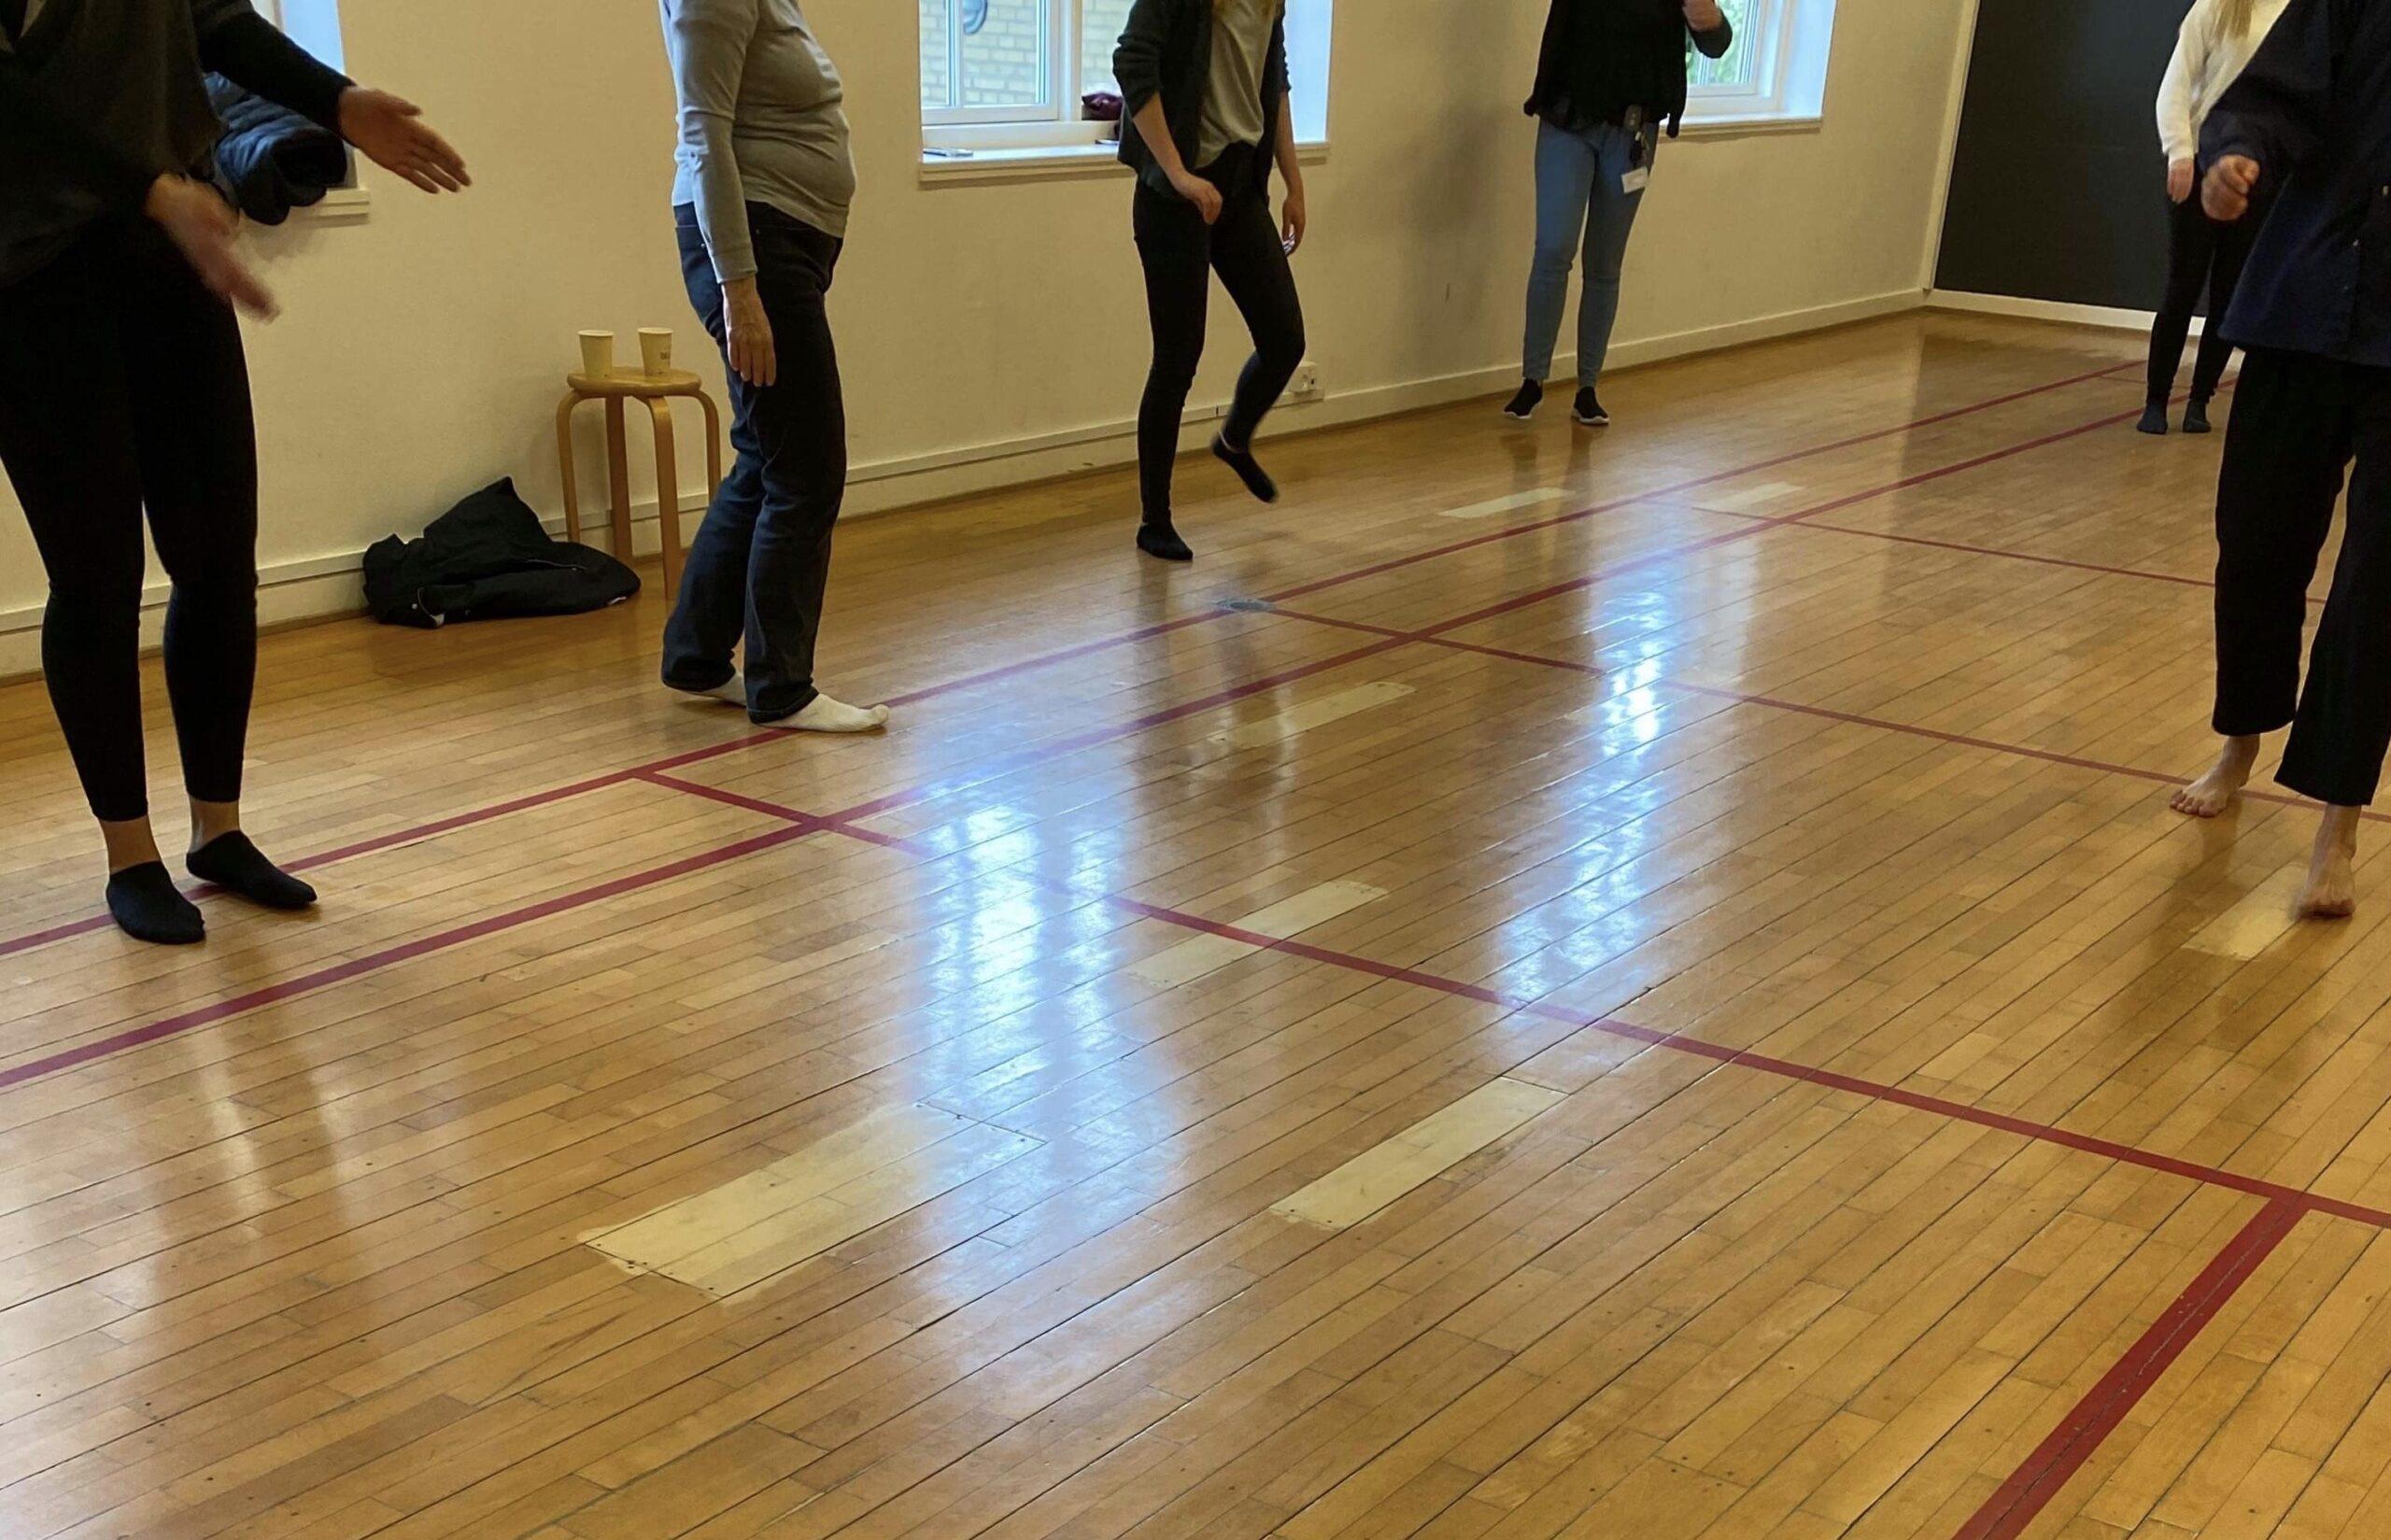 håb i psykiatrien danseworkshop psykiatrisk afd Ø2 Roskilde